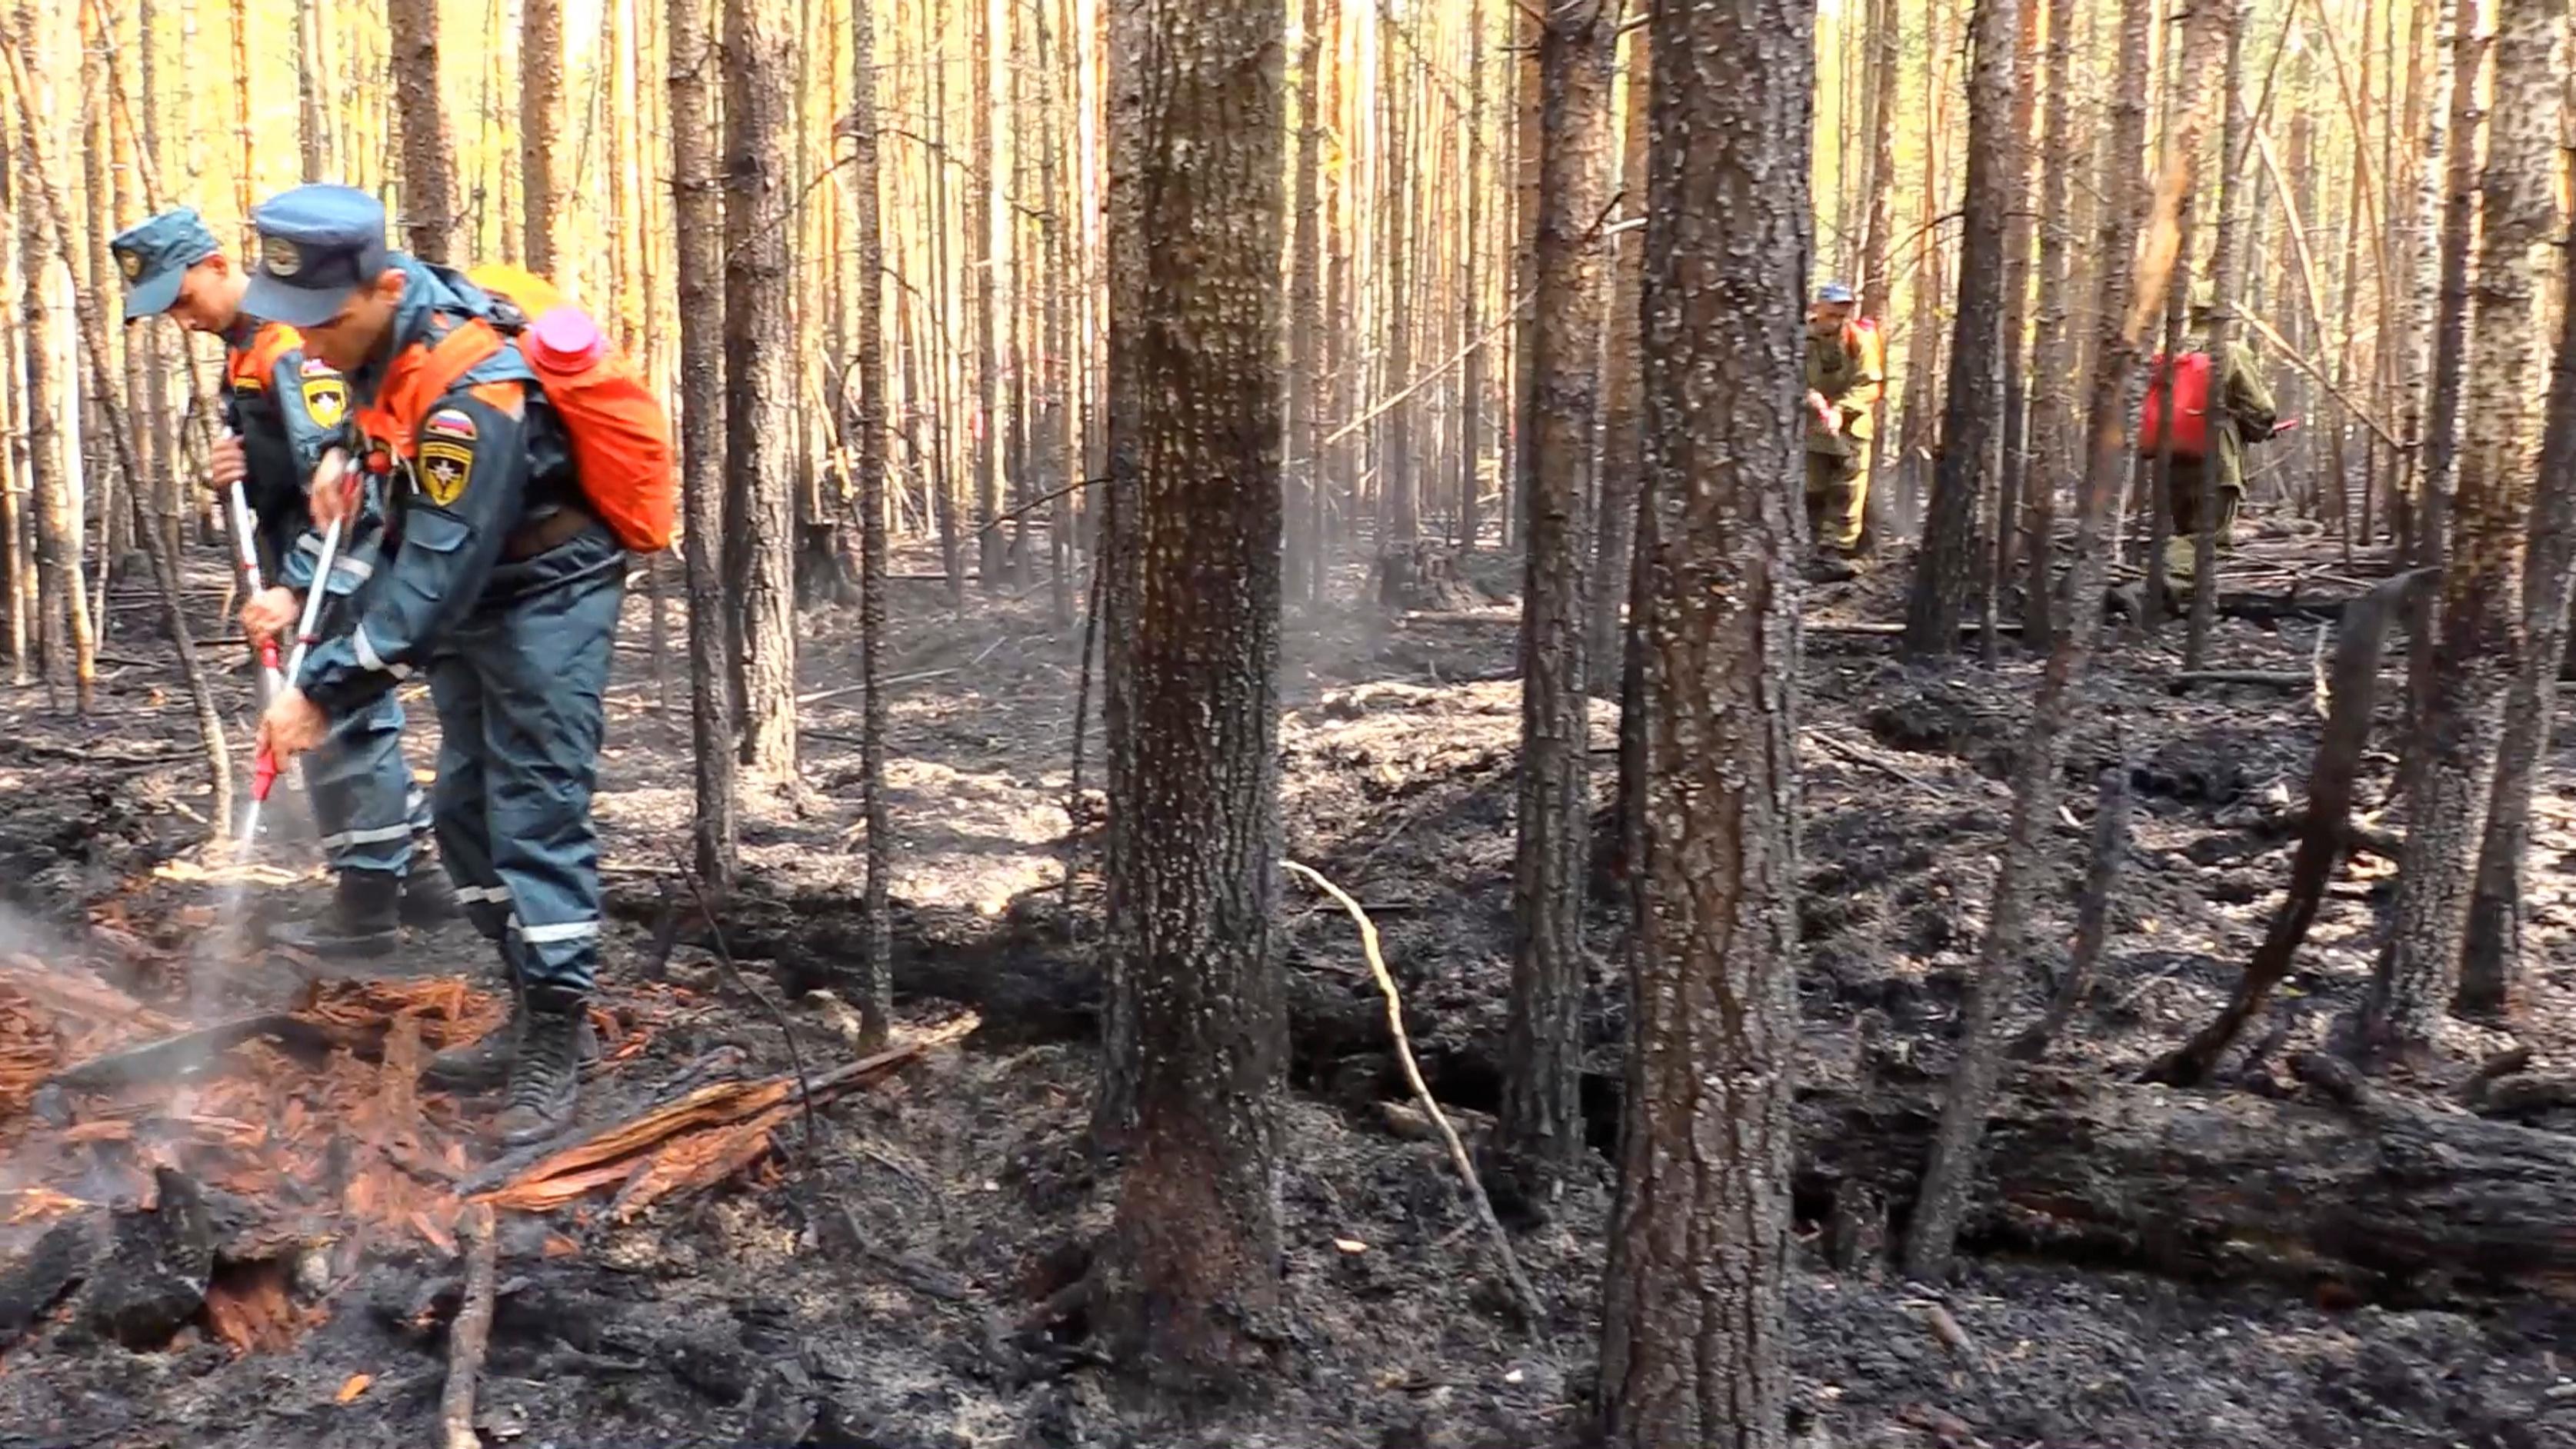 Personal del Ministerio de Emergencia ruso intenta apagar el incendio en la región de Khanty-Mansiysk (Ministerio de Emergencias de Rusia via REUTERS)